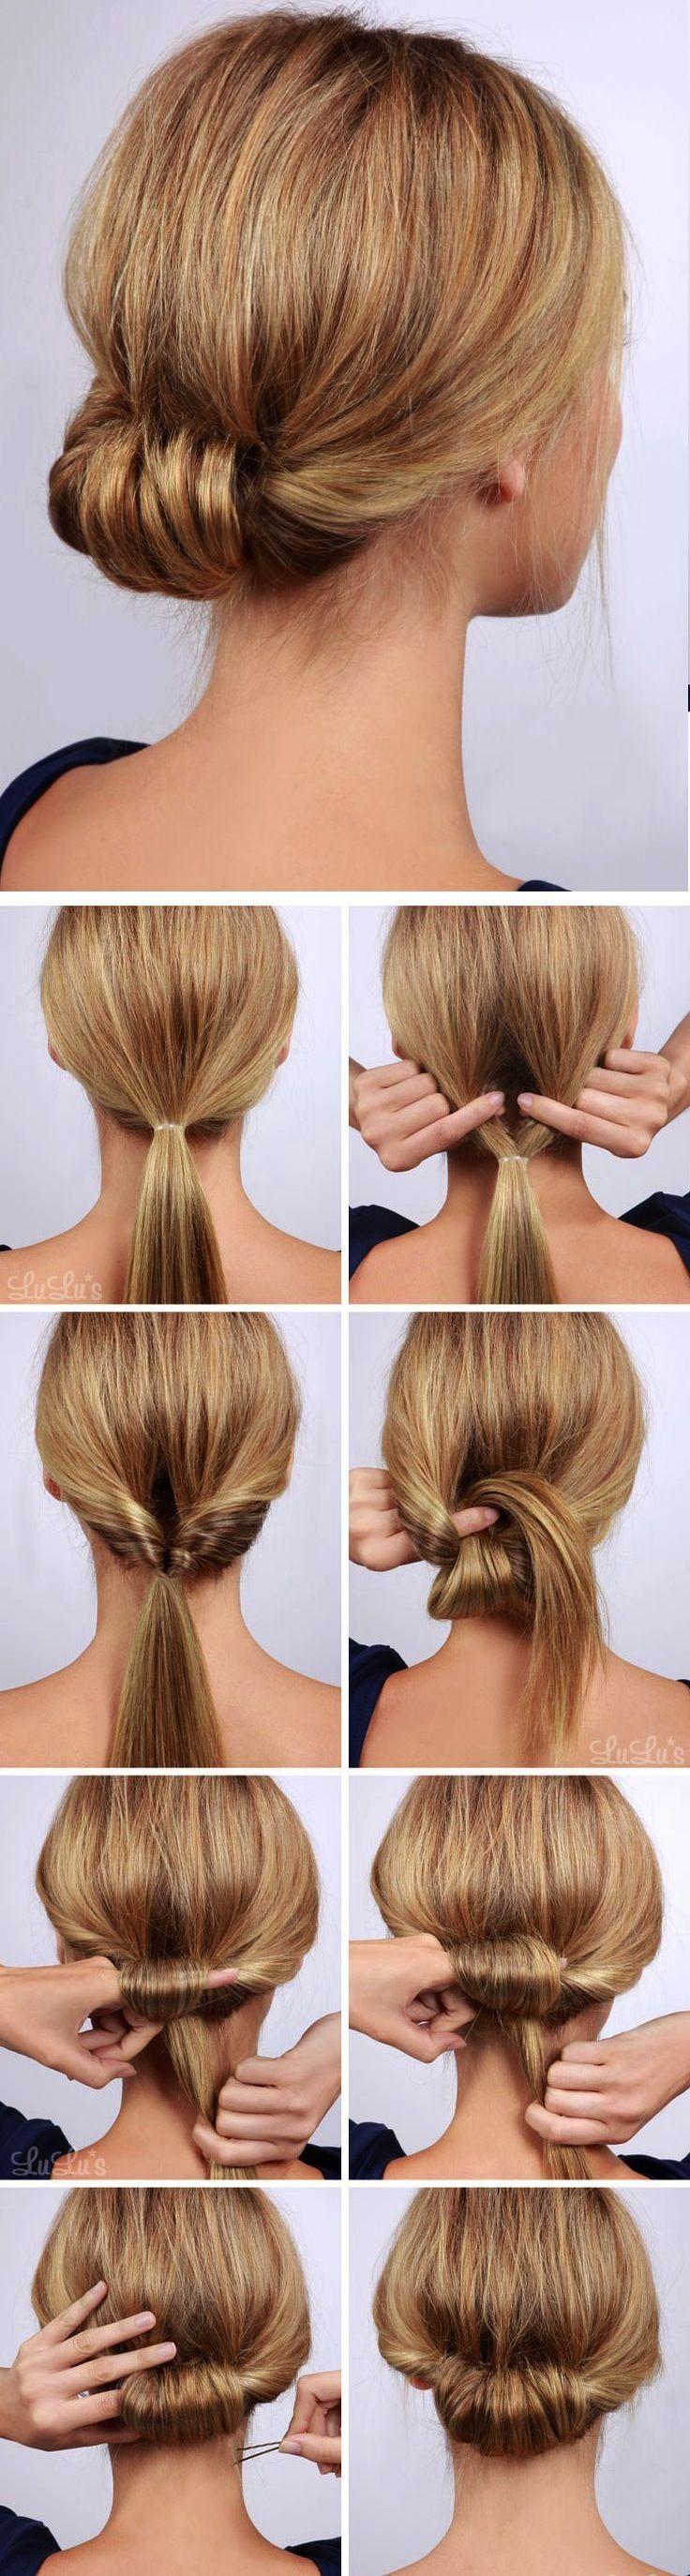 Este peinado es perfecto para un evento formal o para lucir increíble en un día especial. Lo único que debes hacer es una cola de caballo y pasar la parte restante por debajo de la liga. Pon tu dedo, repítelo hasta que termines en enrollar todo tu pelo y sujeta con un pasador.